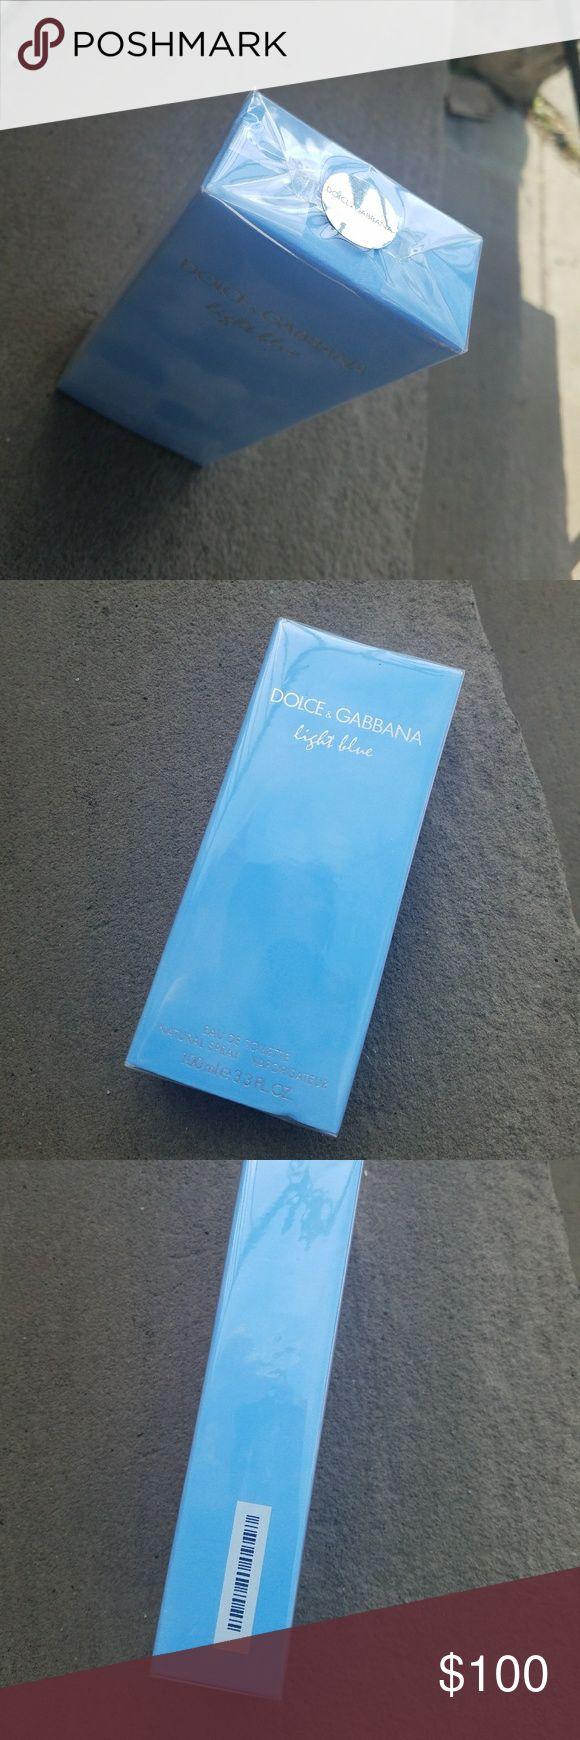 Dolce & Gabbana Light Blue 100ml 3.4 Oz Dolce & Gabbana Light Blue 100ml 3.4oz Dolce & Gabbana Other